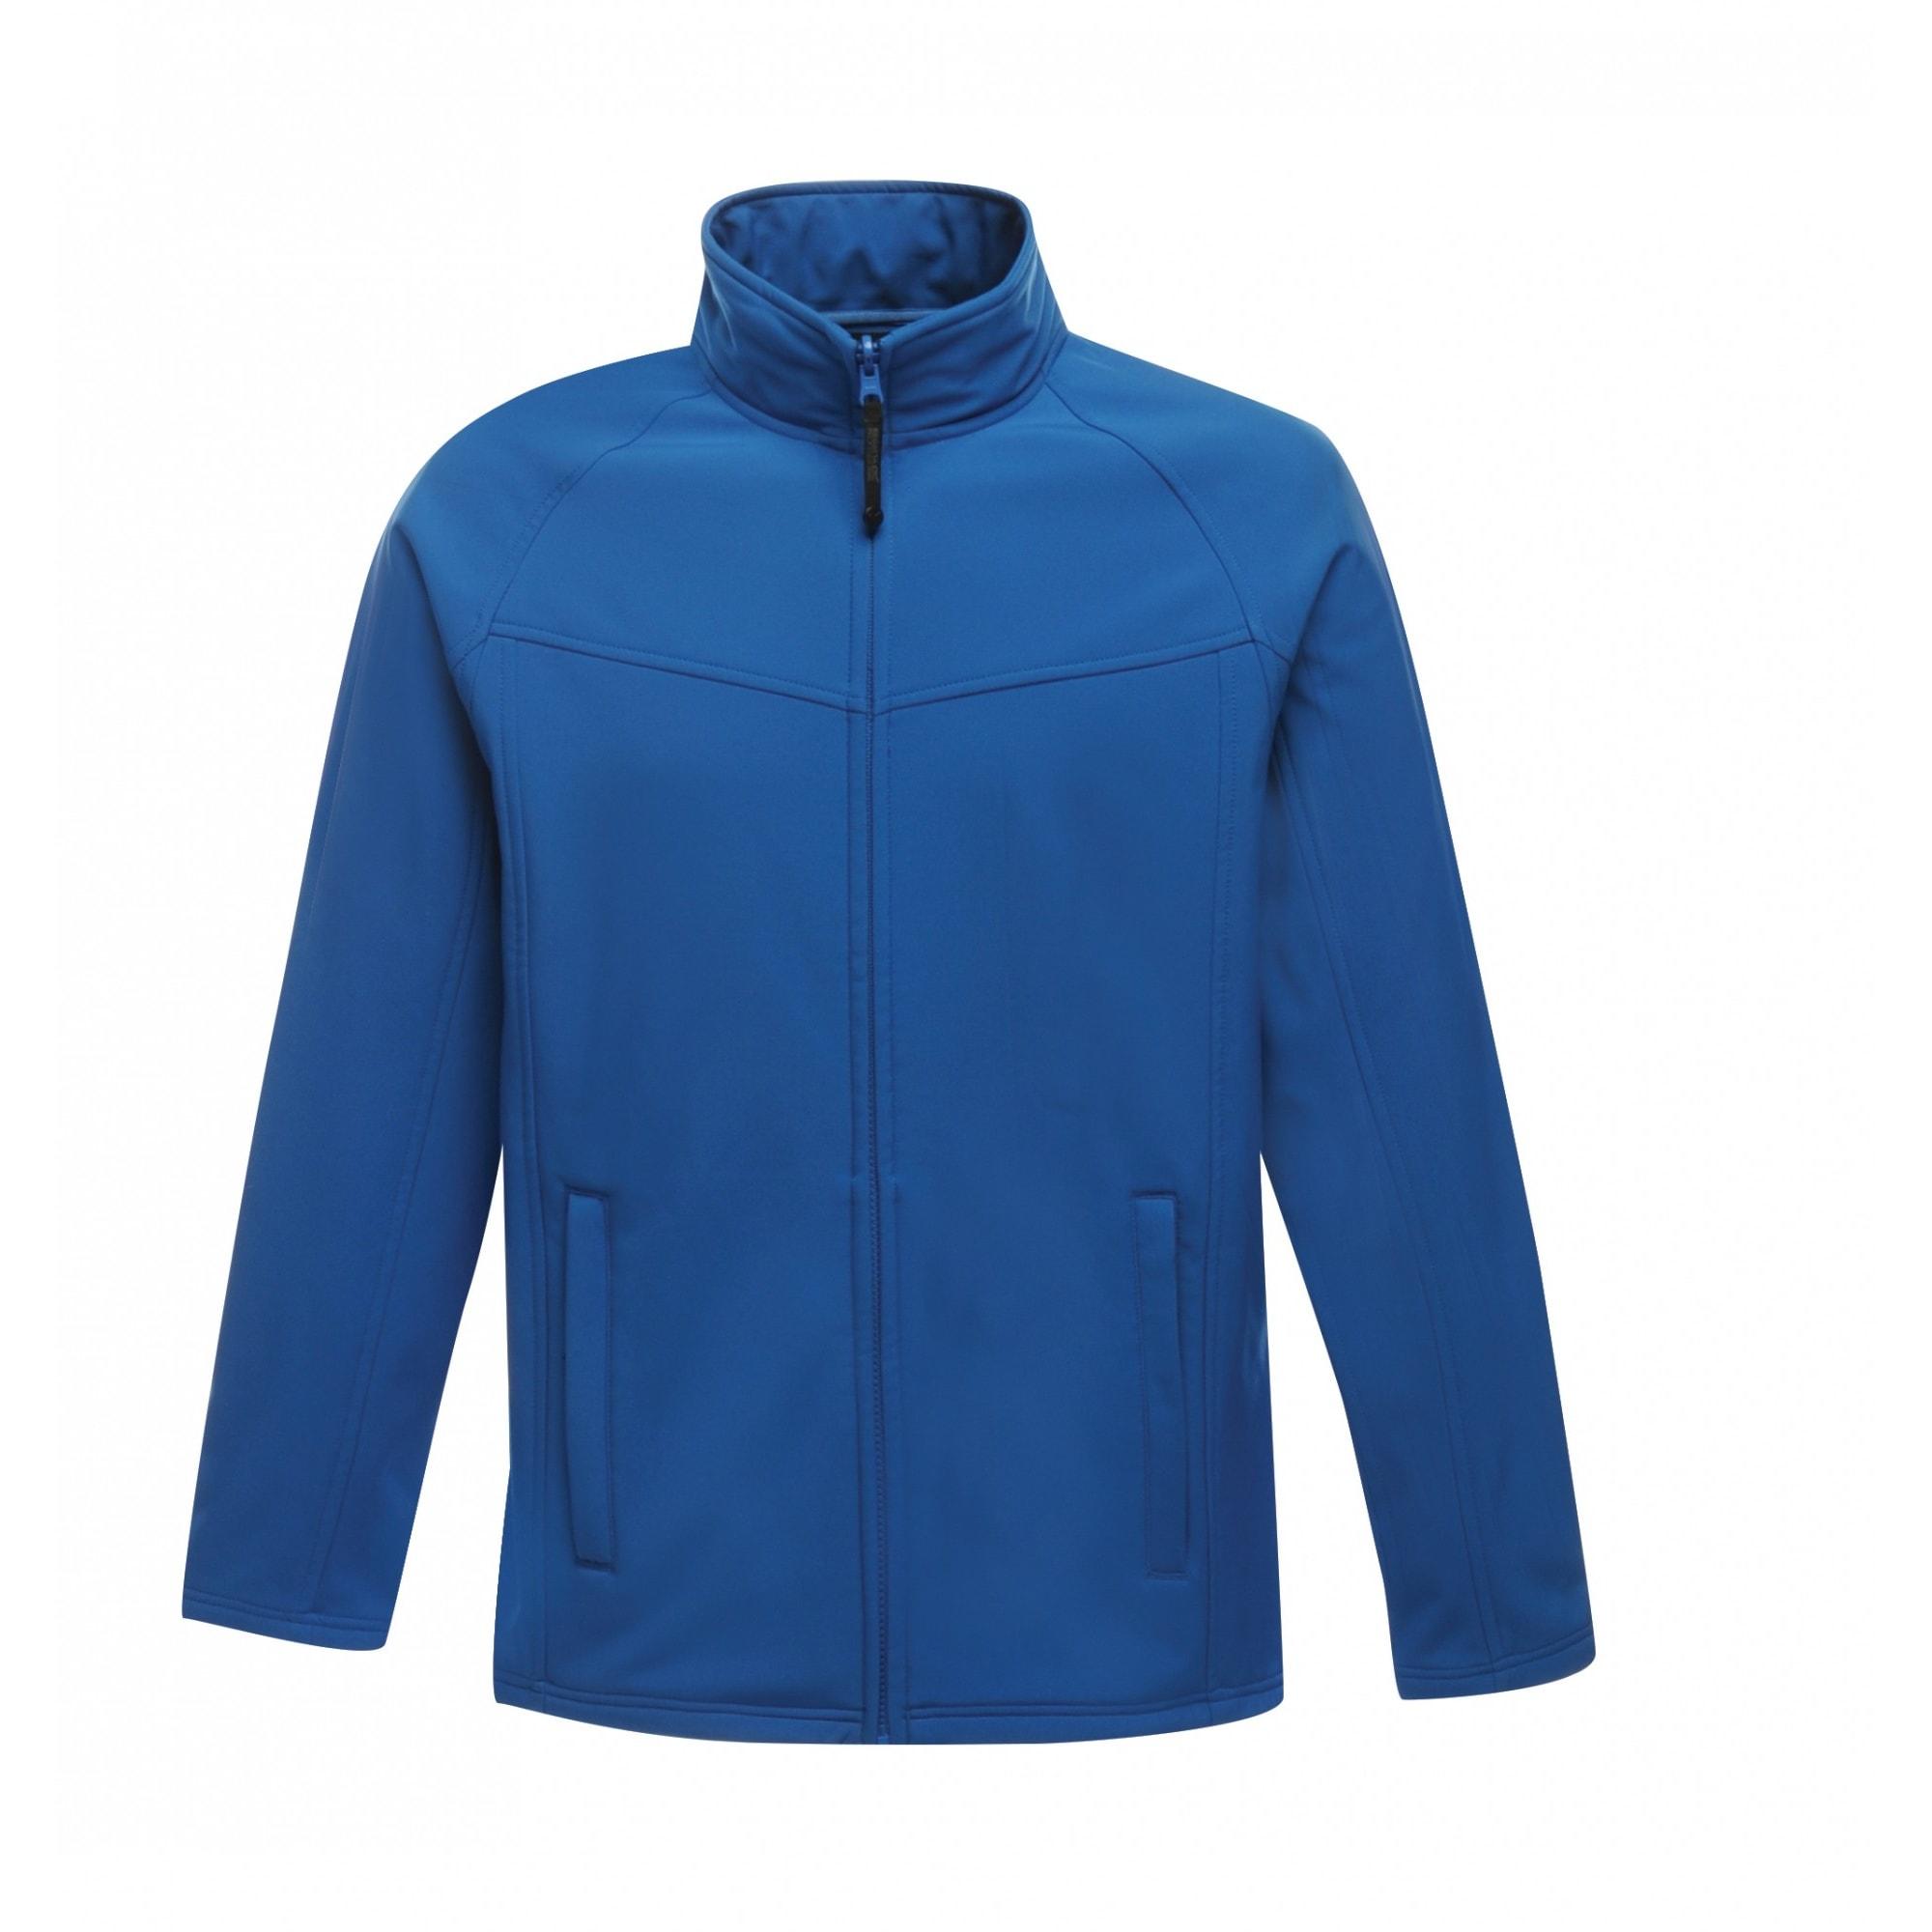 Regatta Softshelljacke Herren Uproar Softshell-Jacke winddicht leicht | Sportbekleidung > Sportjacken > Softshelljacken | Blau | Regatta